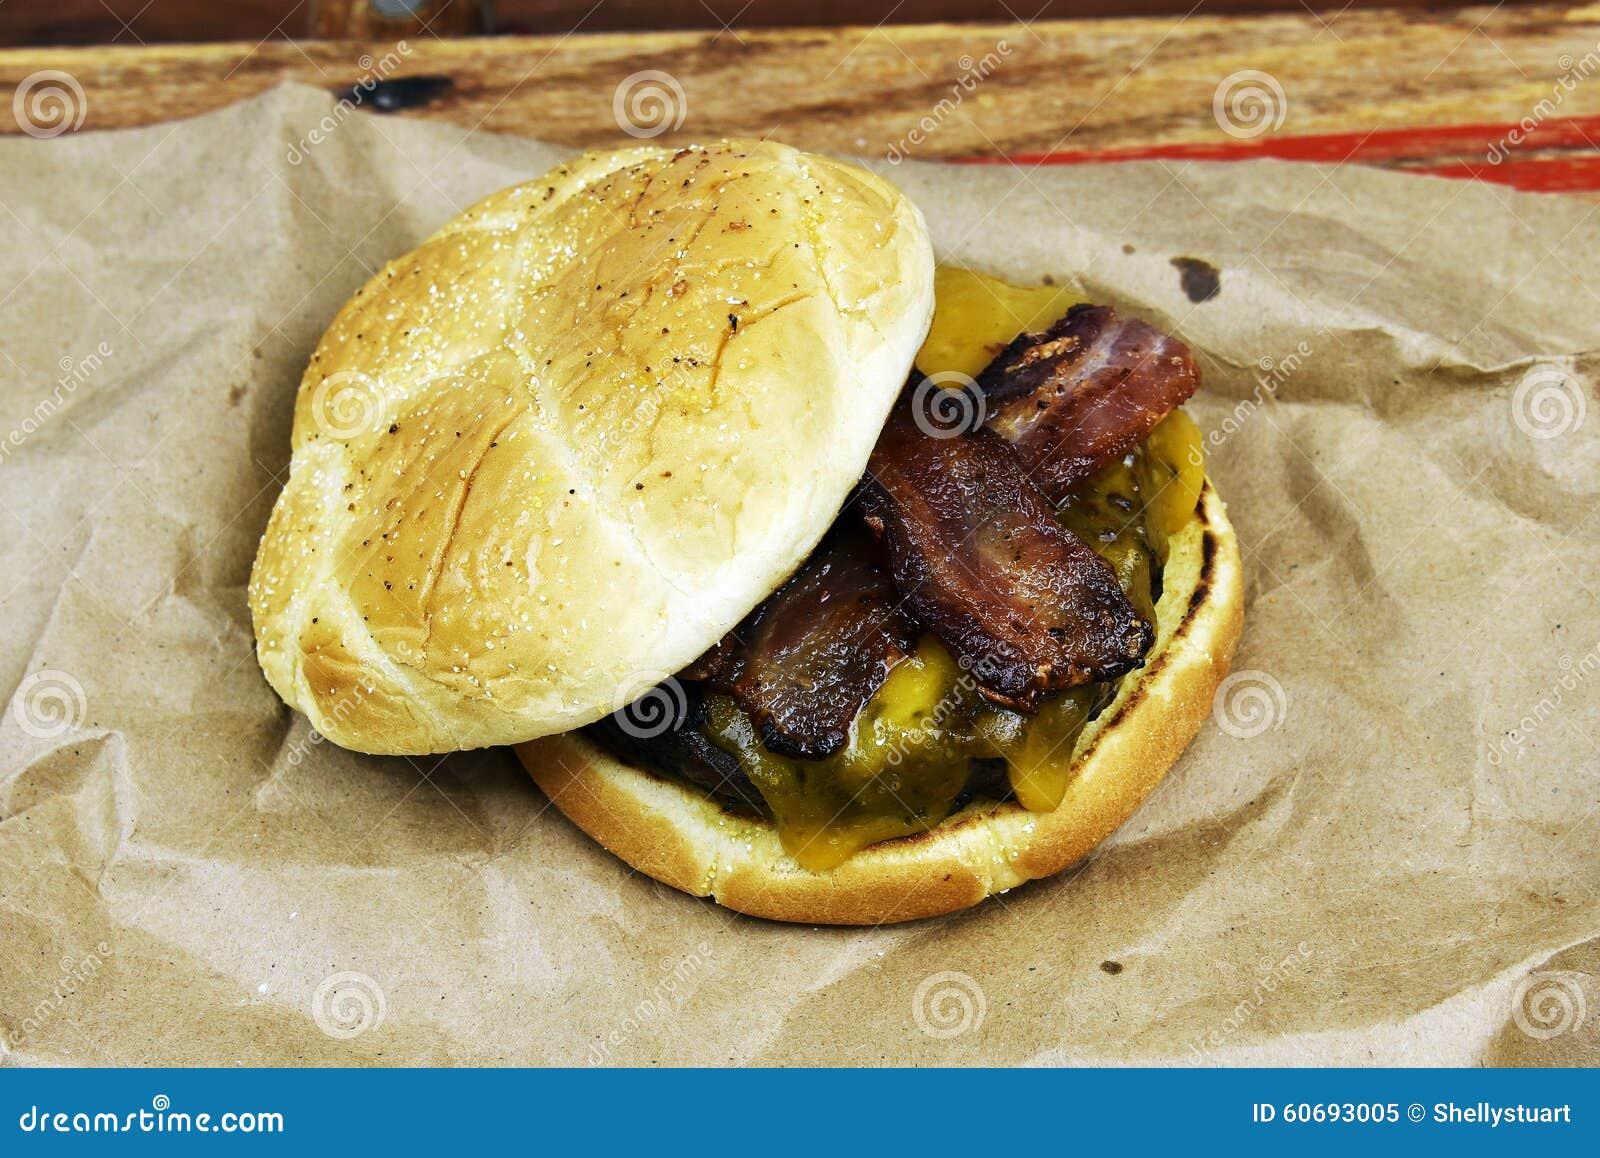 Hierba Fed Beef Hamburger